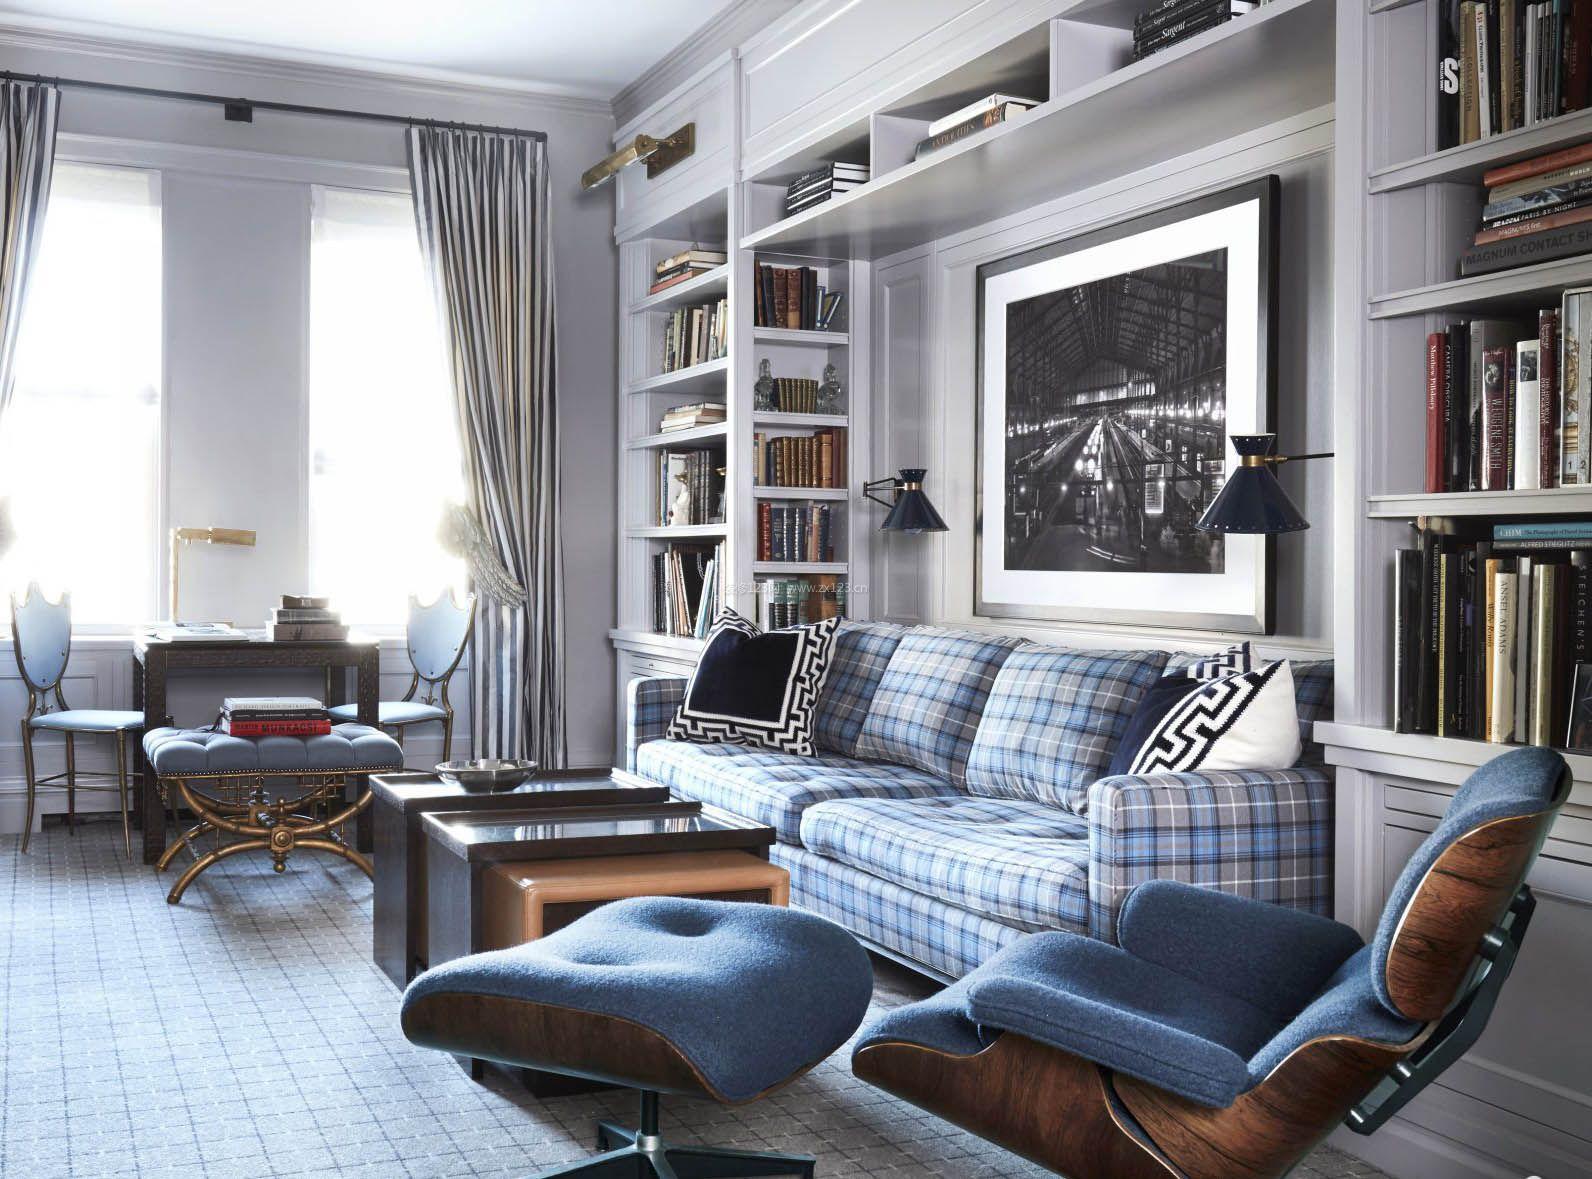 2017家装沙发背景墙收纳柜效果图图片